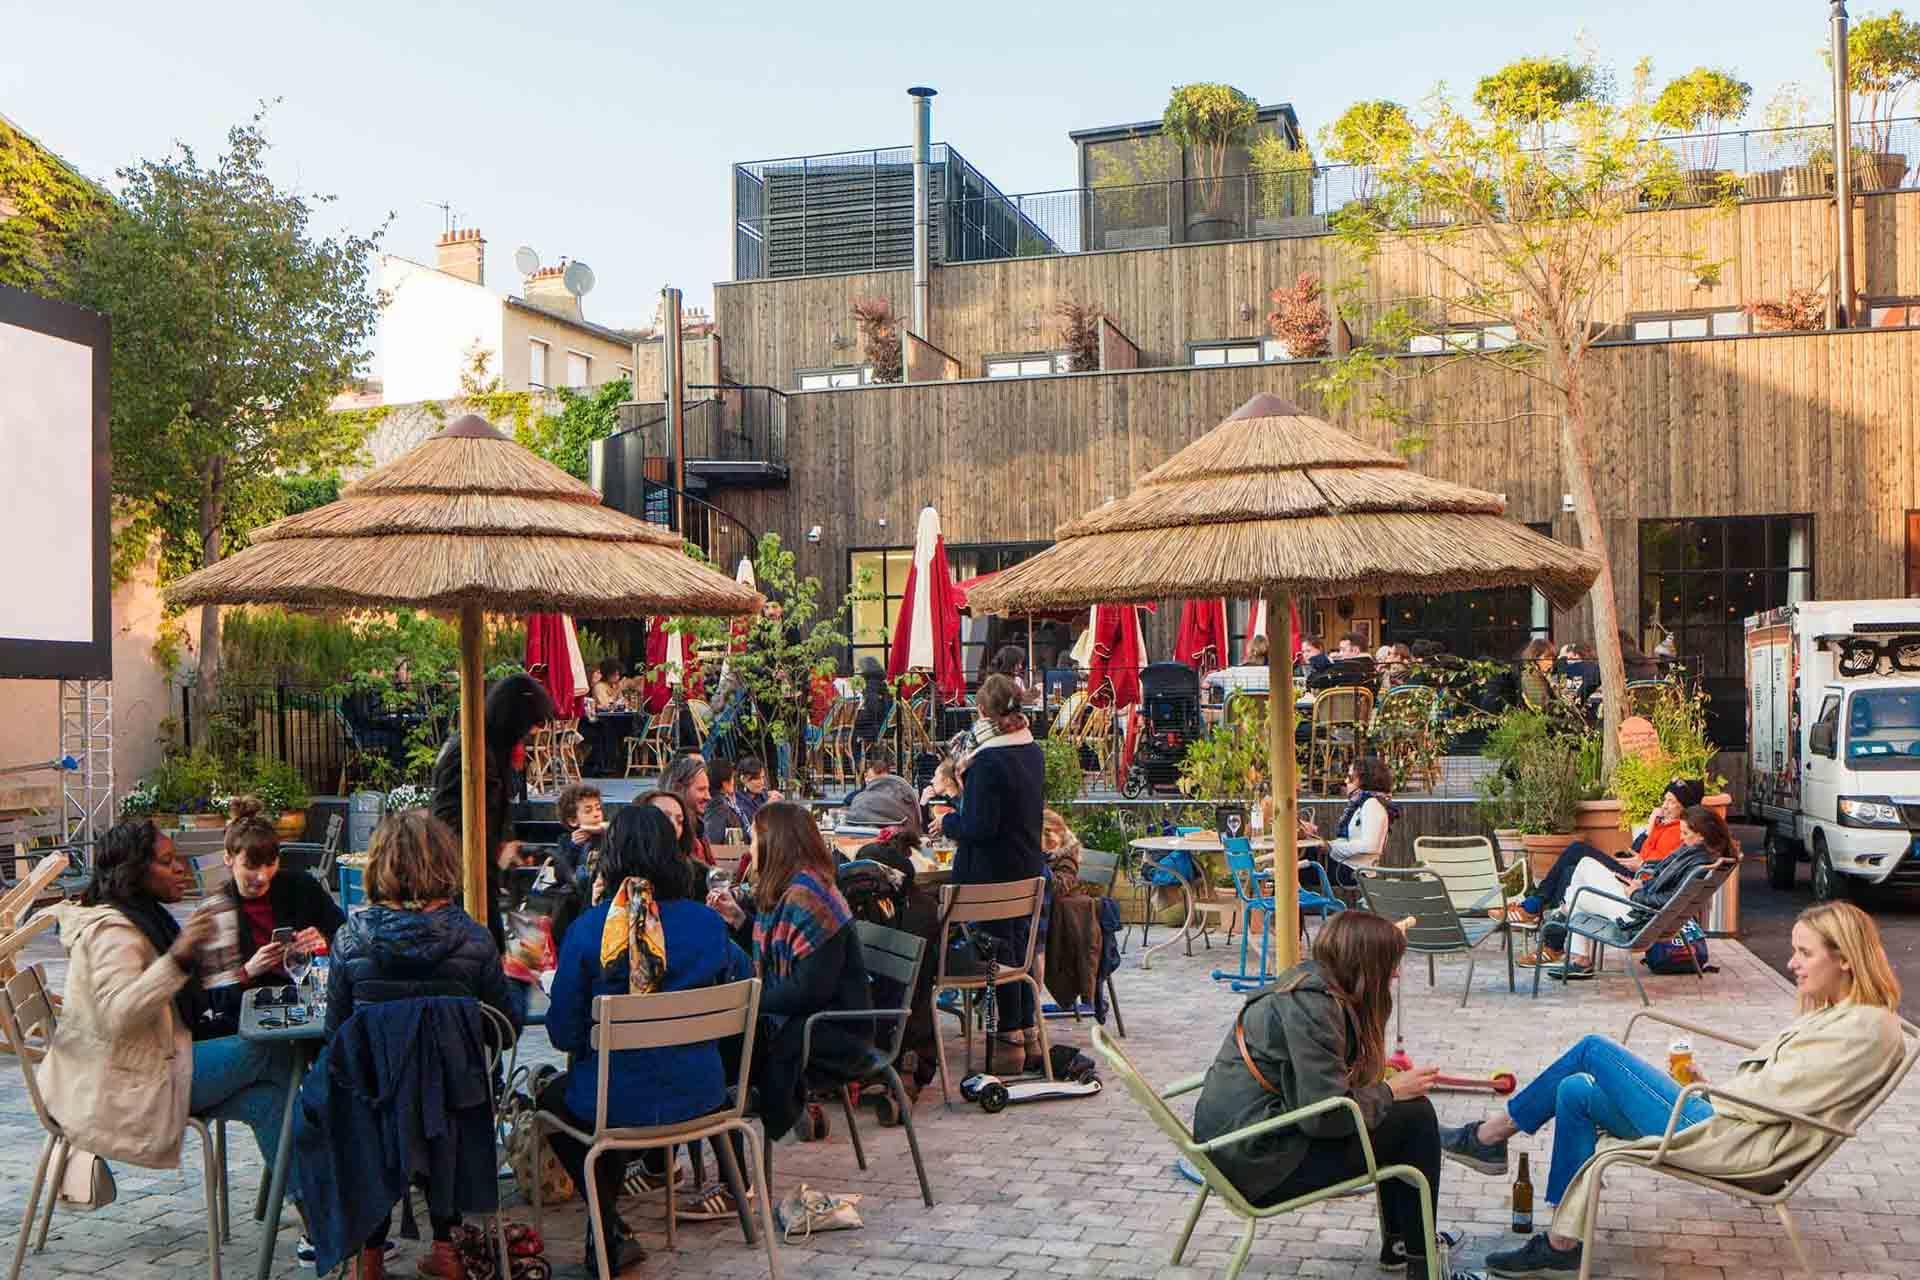 La cour jardin du MOB Hotel de Saint-Ouen © MOB Sas